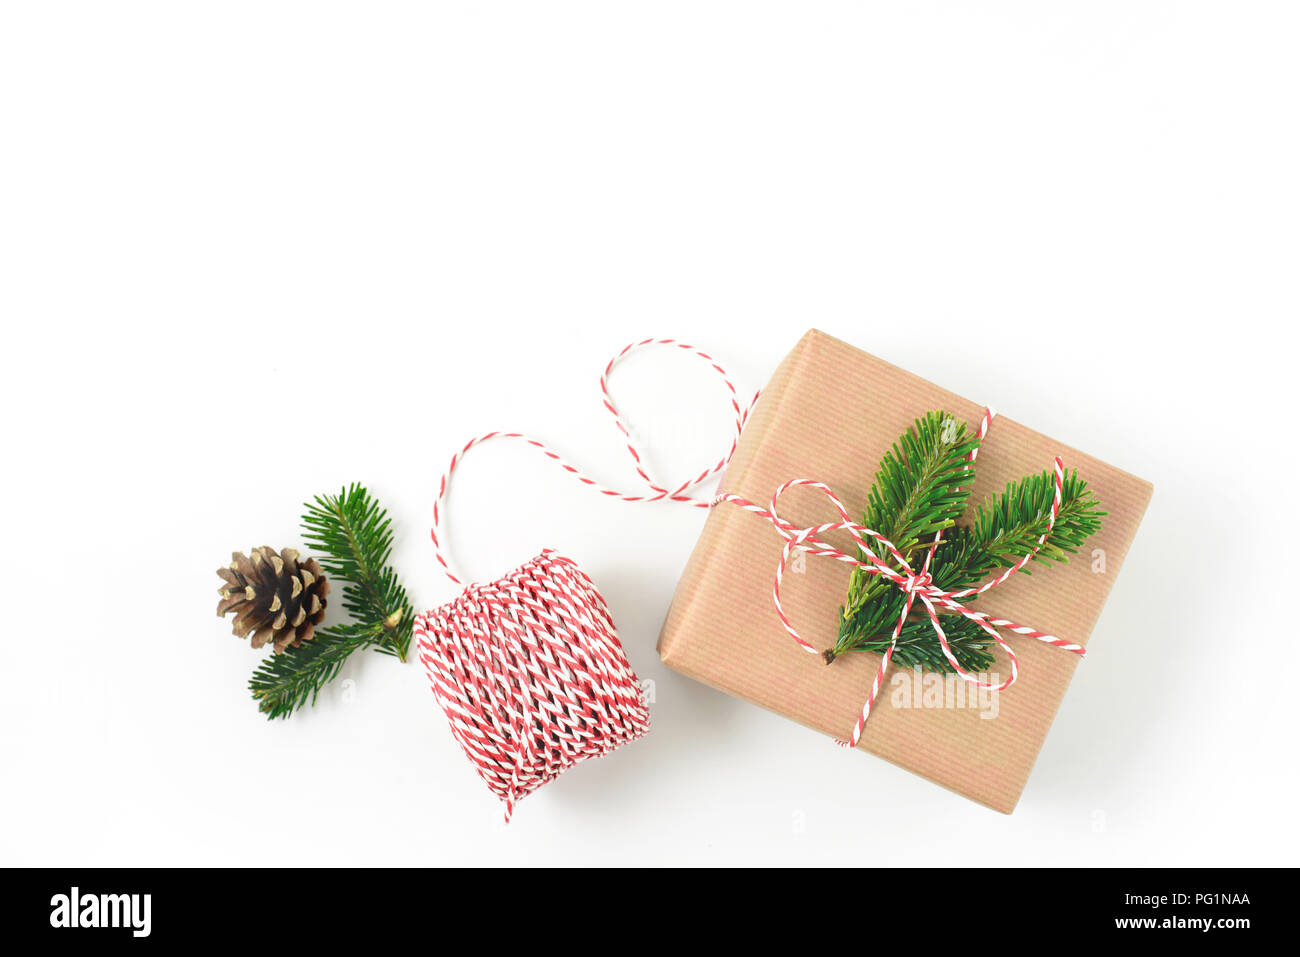 Weihnachten Geschenk verpackt in Handwerk braunes Papier und mit Fir ...